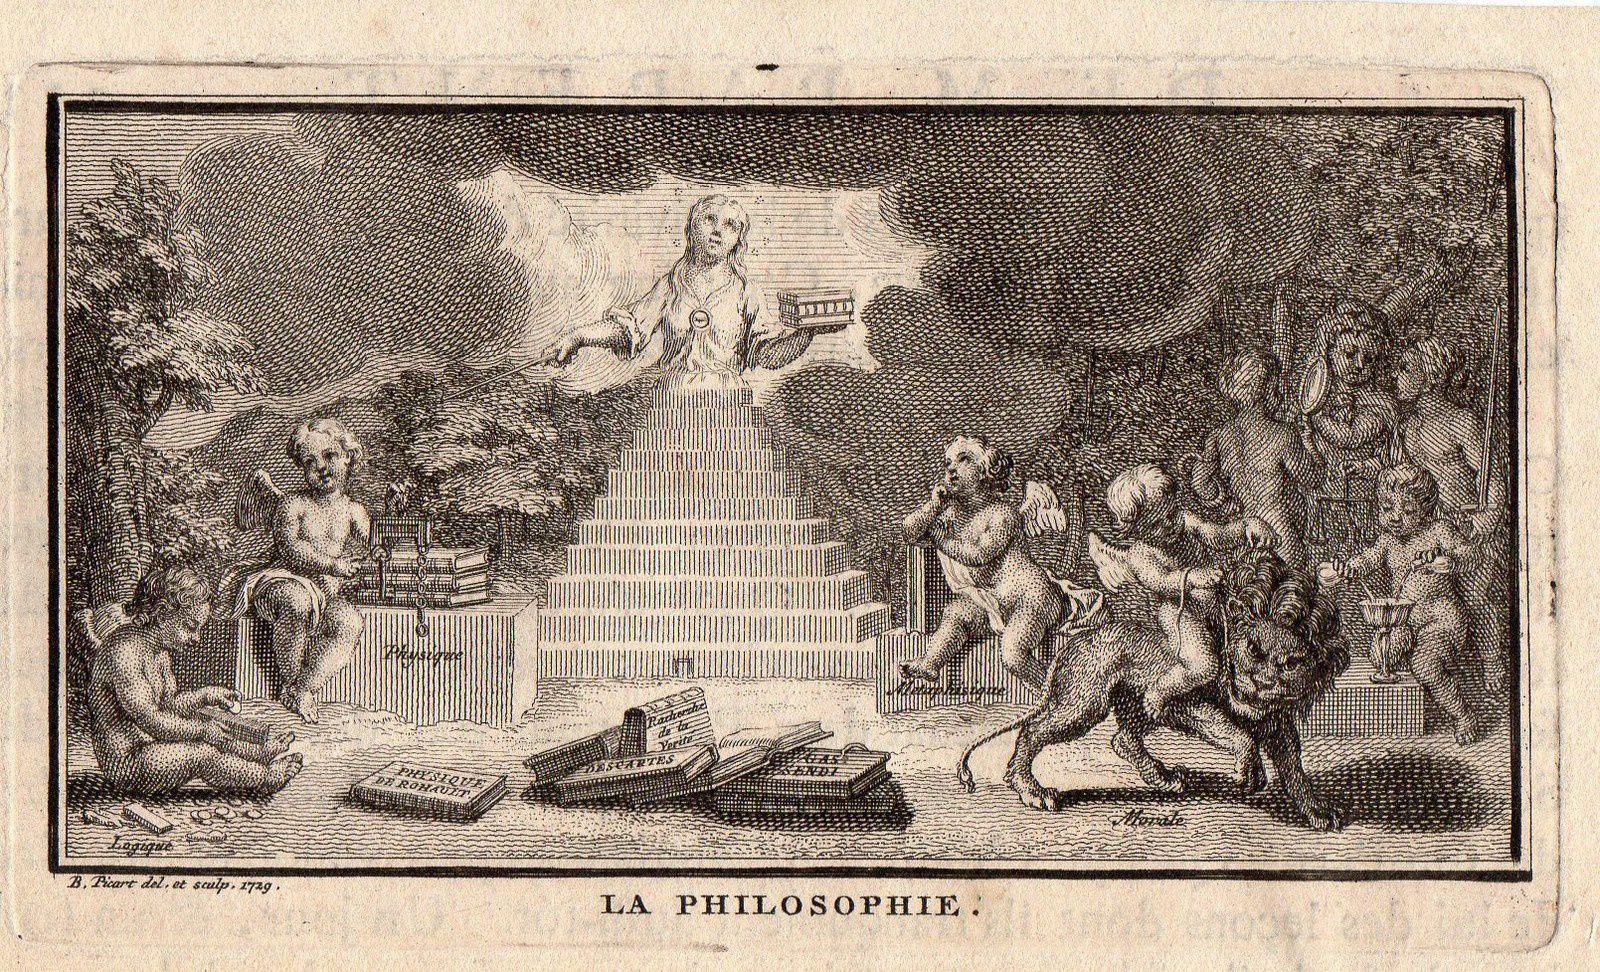 Une représentation extravagante de la philosophie